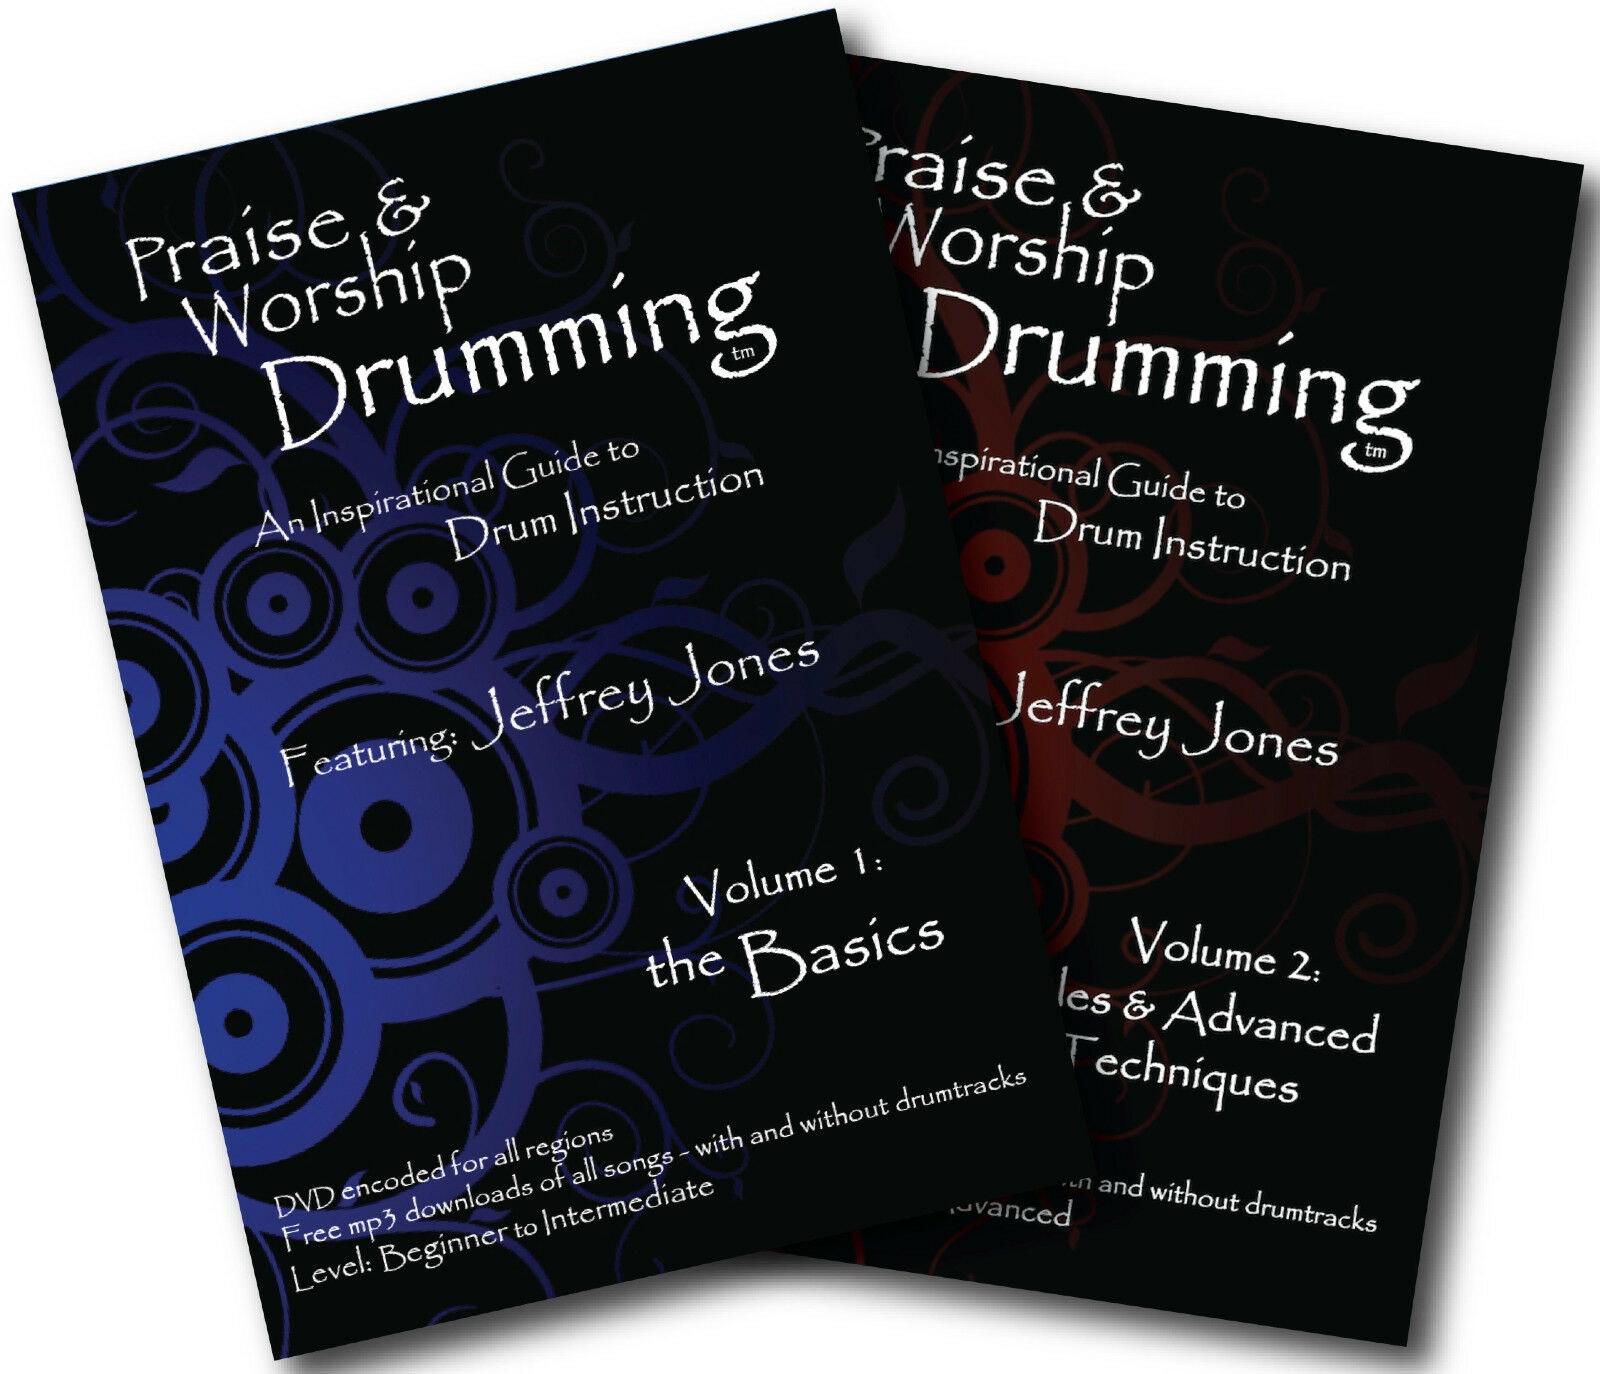 Priase and Worship Drumming DVD